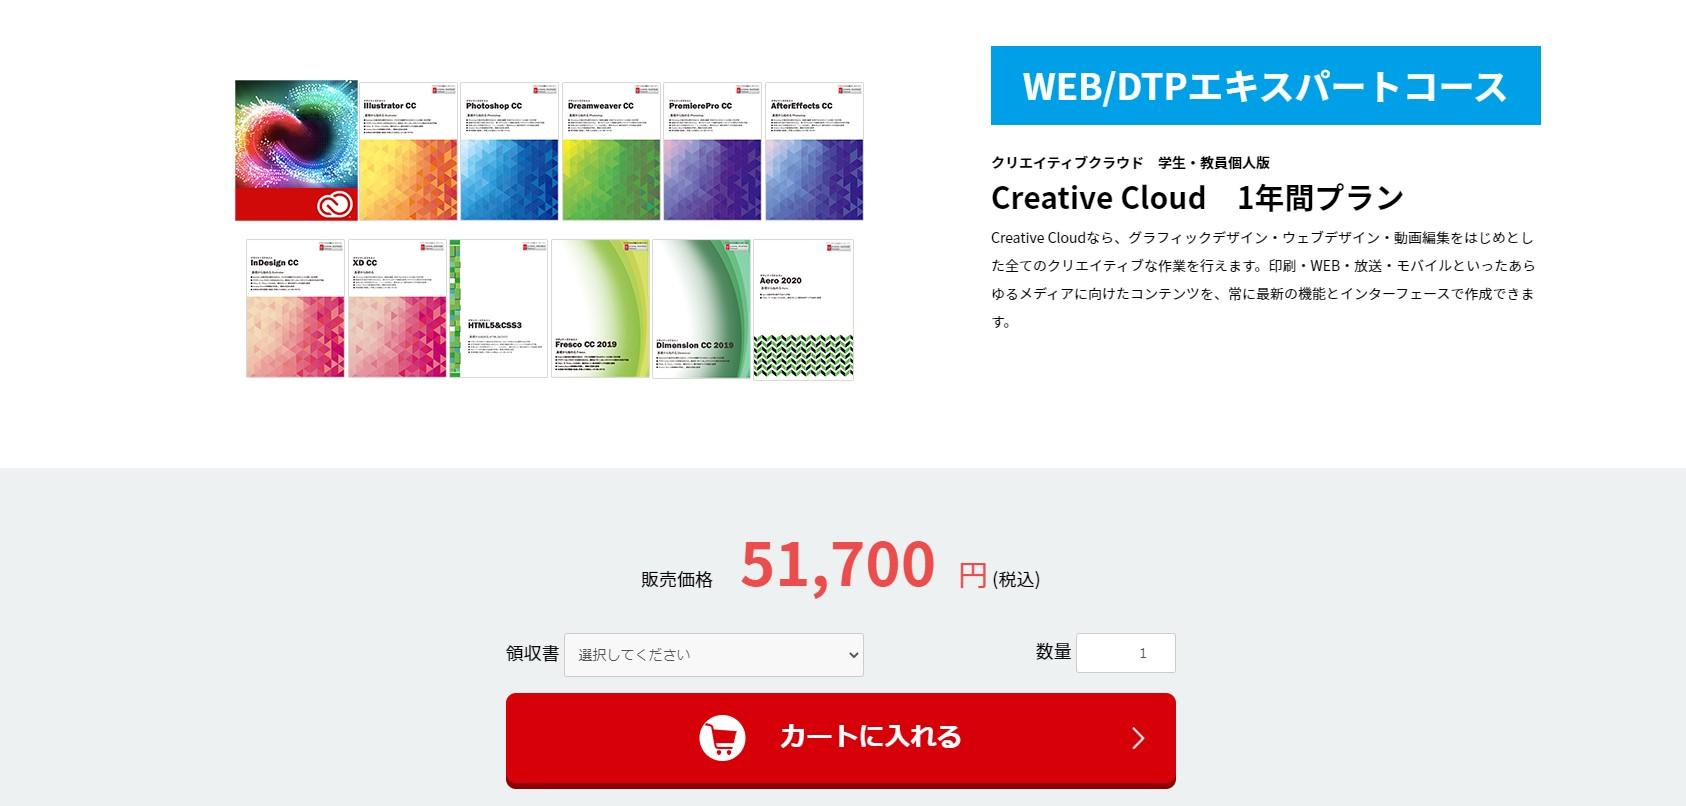 アドバンスクールオンライン / WEB/DTPエキスパートコース(Adobe CC 学生・教職員個人版 1年間プラン付)